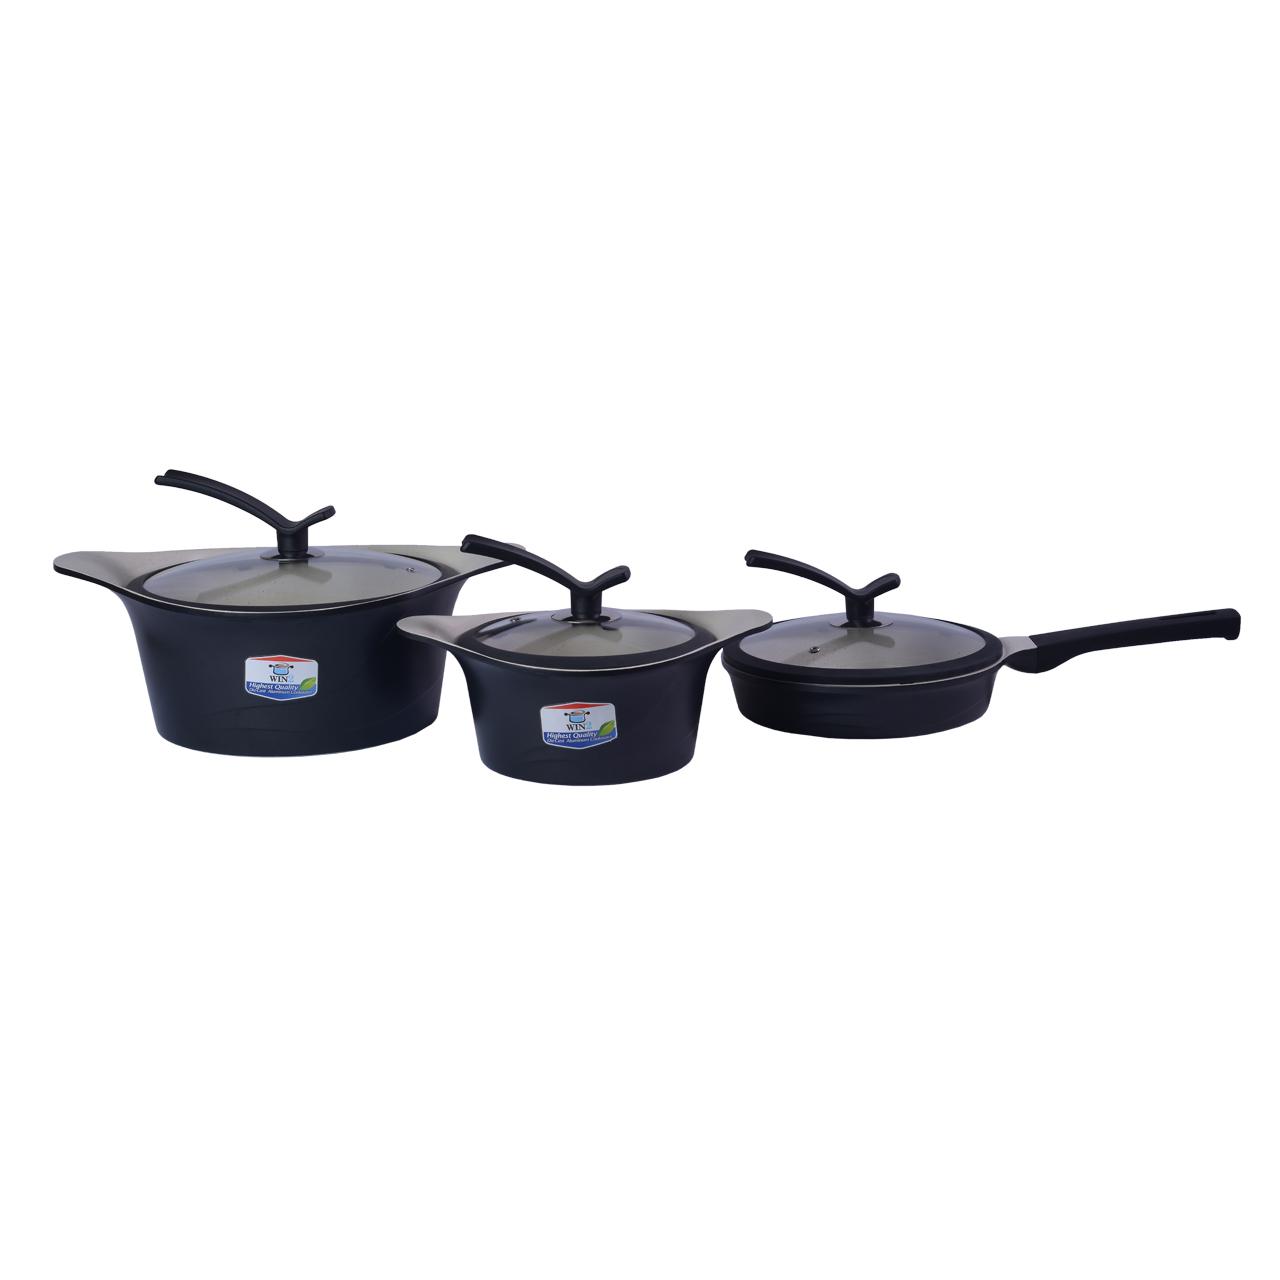 سرویس پخت و پز 8 پارچه وین تو مدل korea c